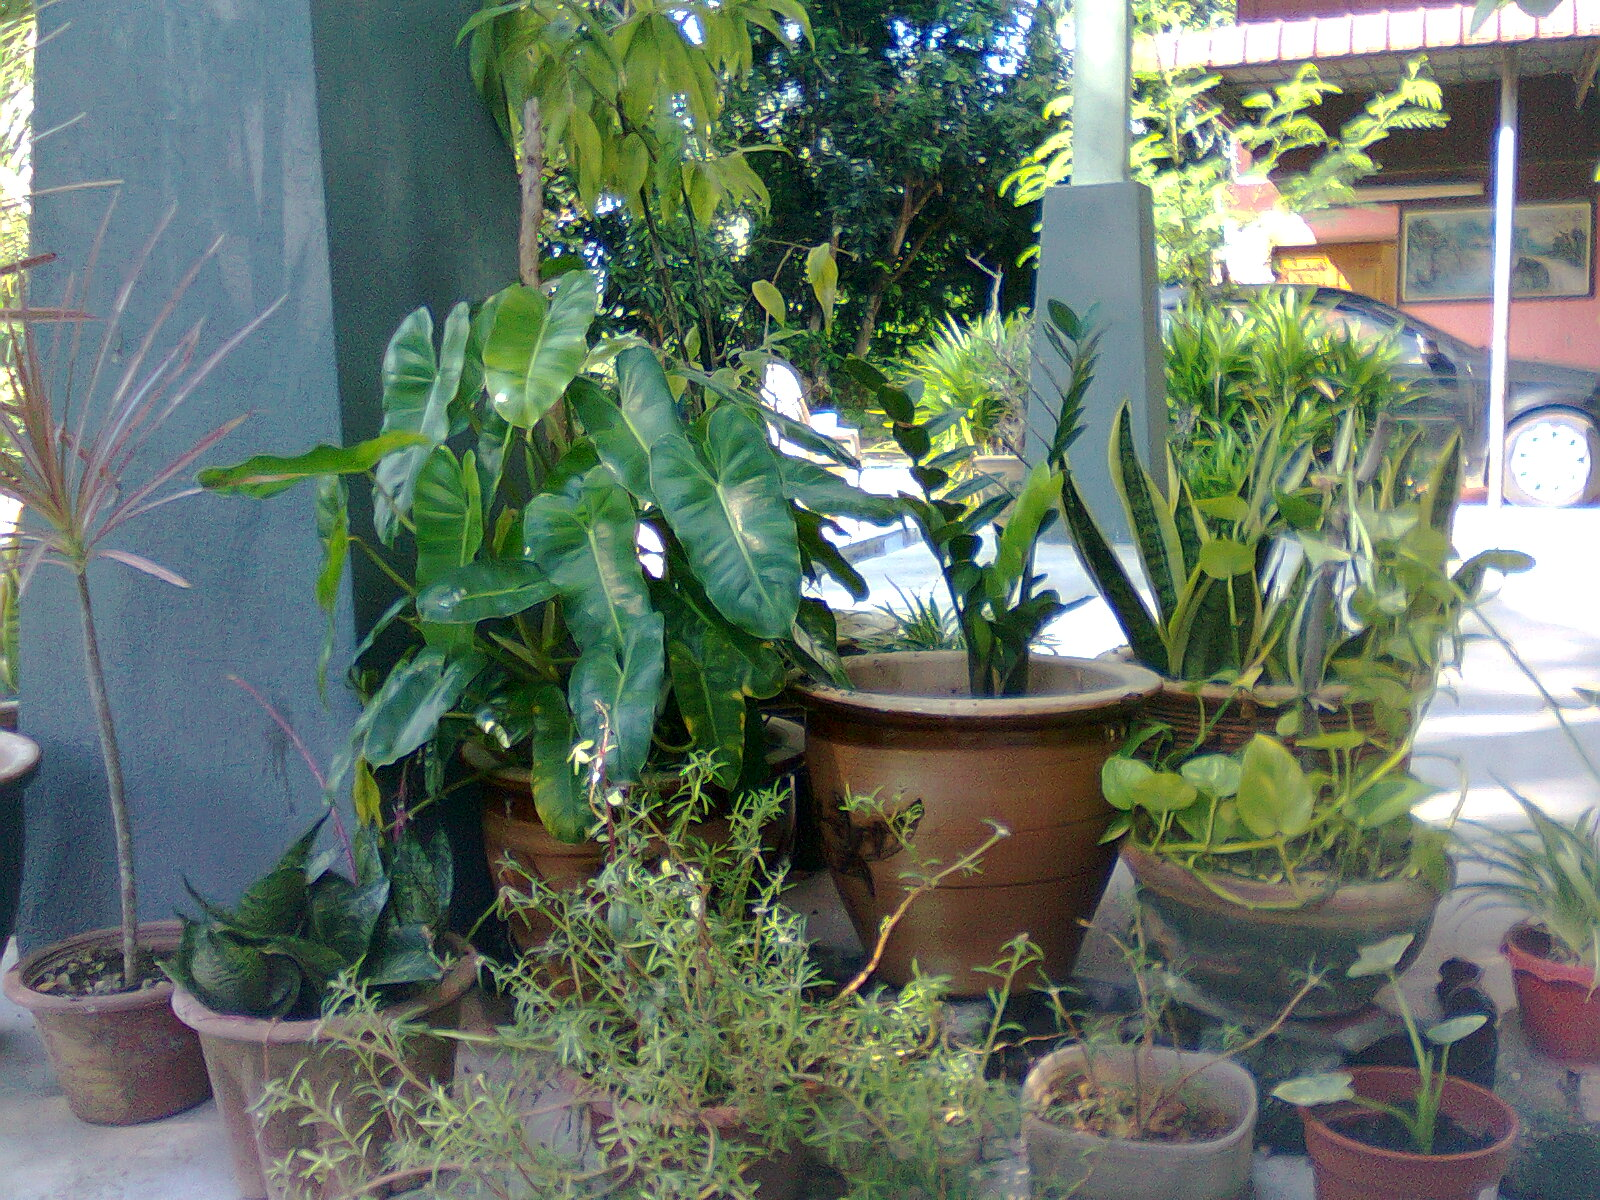 Aku Sengaja Menyembunyikan Pokok2 Di Belakang Tiang Rumah Tujuannya Ialah Supaya Pokok Tidak Terlalu Terdedah Kepada Sinaran Matahari Just Kena